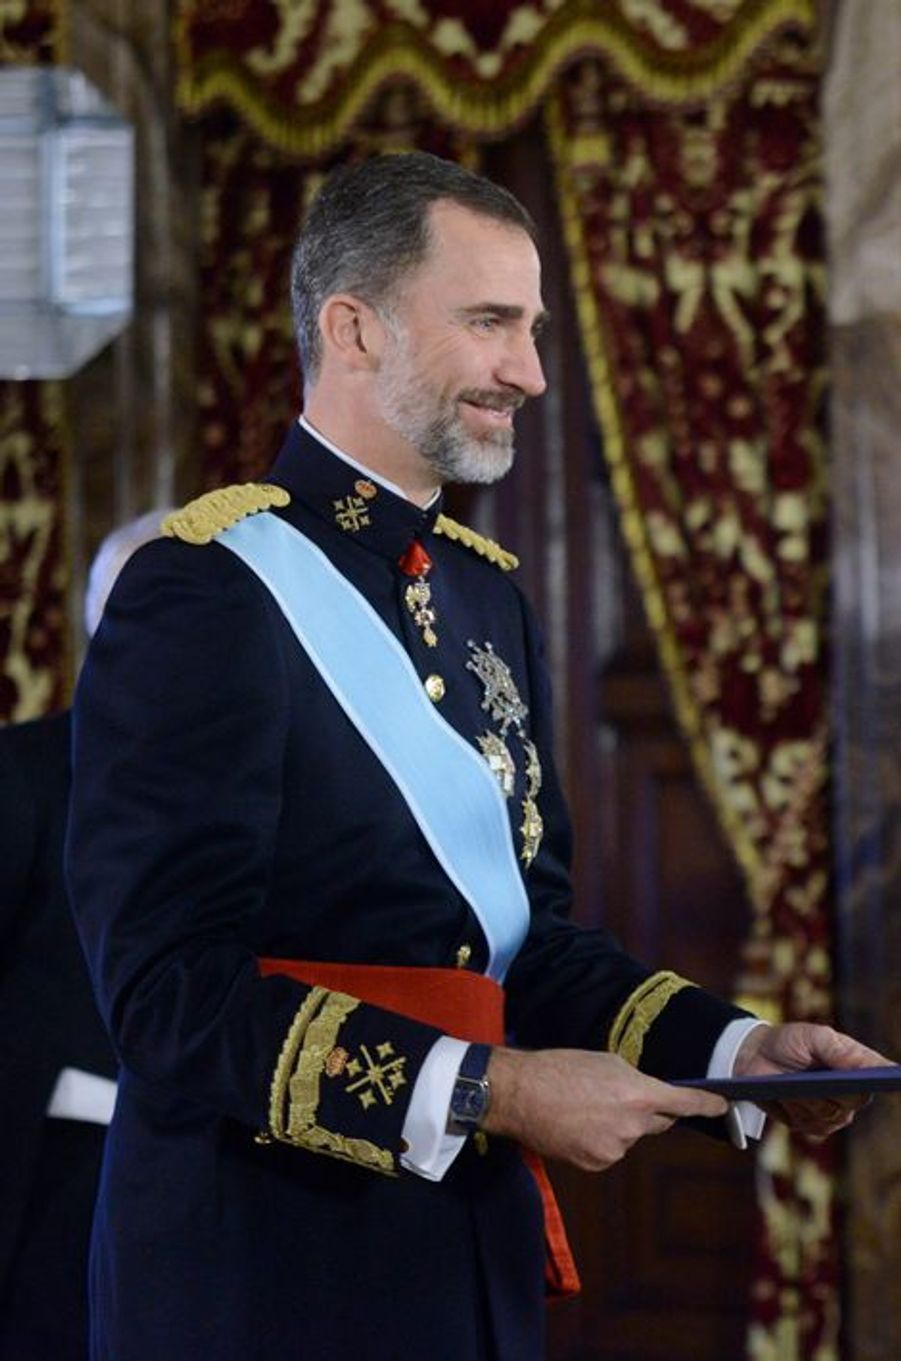 Le roi Felipe VI reçoit les nouveaux ambassadeurs au Palais royal à Madrid, le 8 janvier 2015